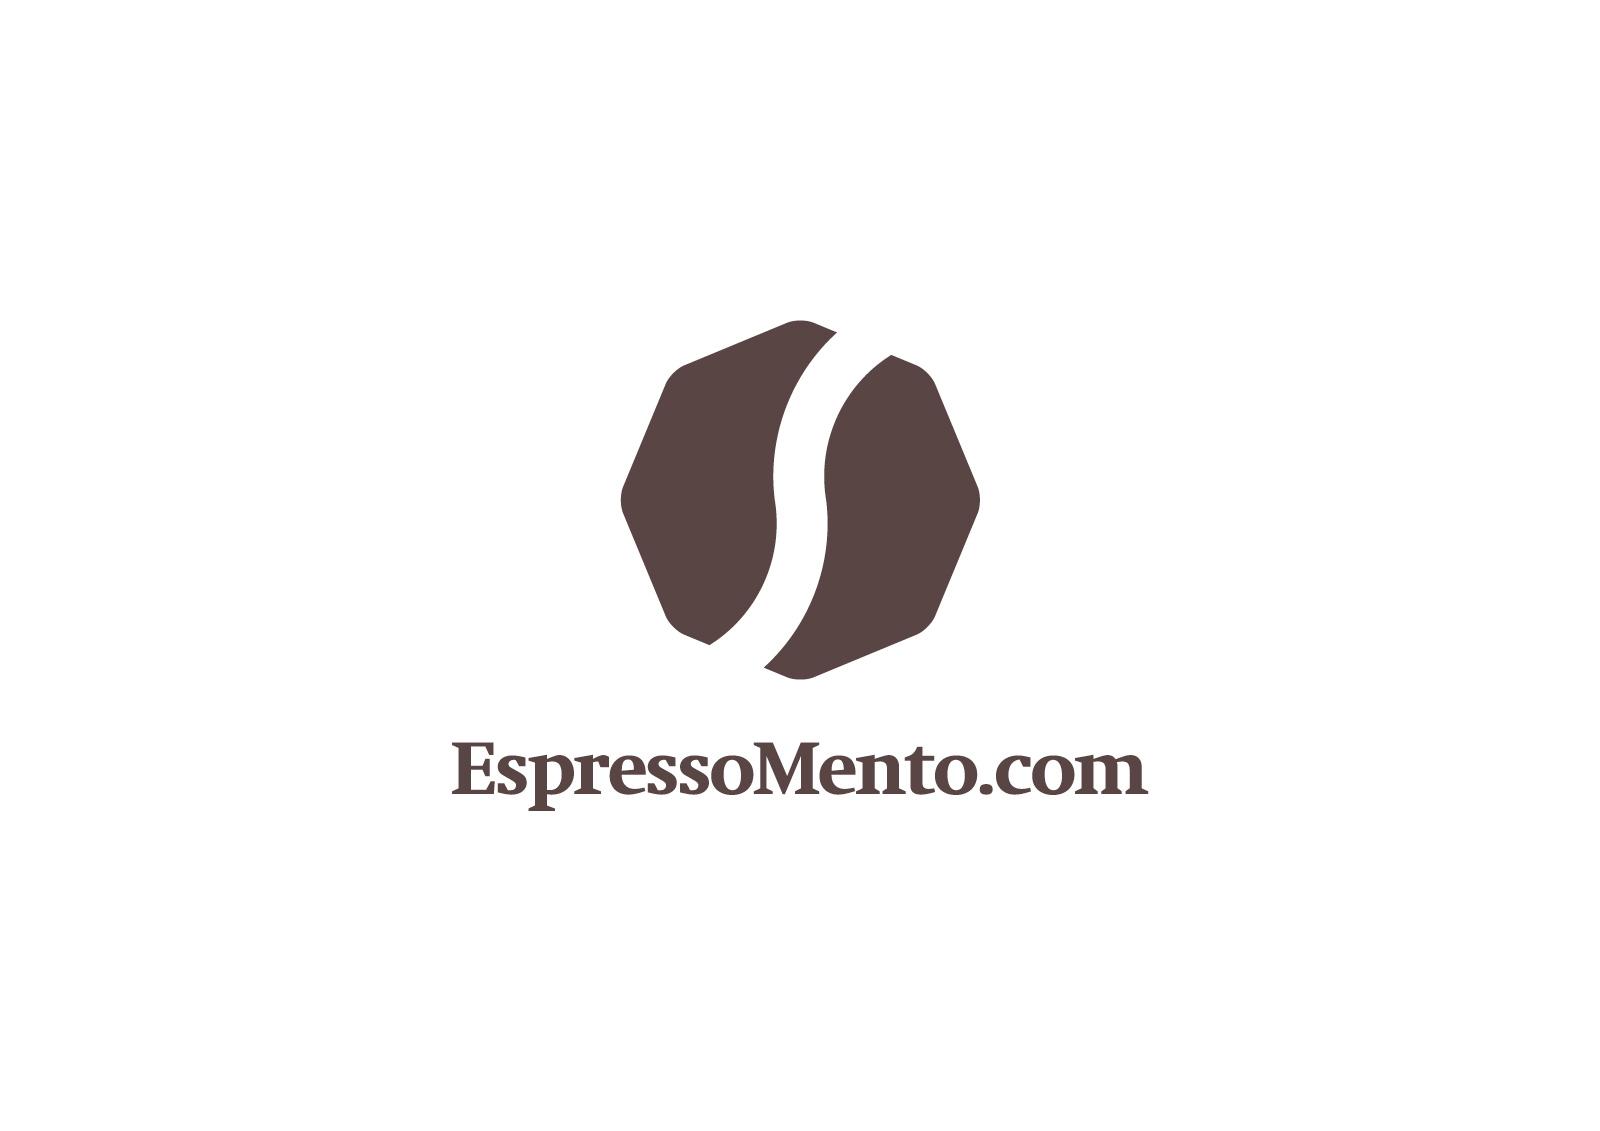 EspressoMento.com Logo & Visual Identity Design